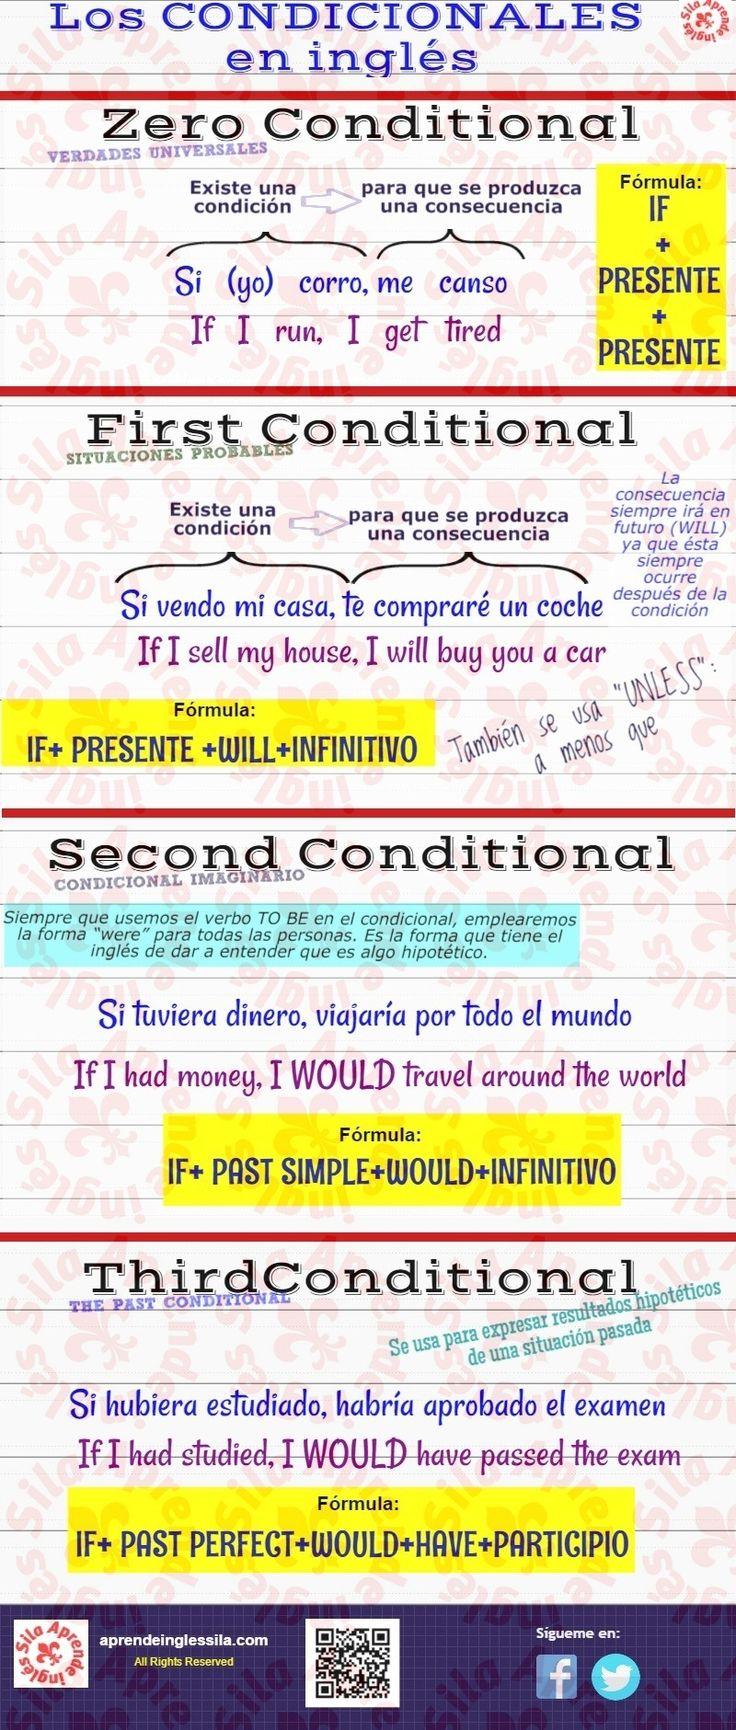 Aquí tenéis una infografía de las formas condicionales en inglés.